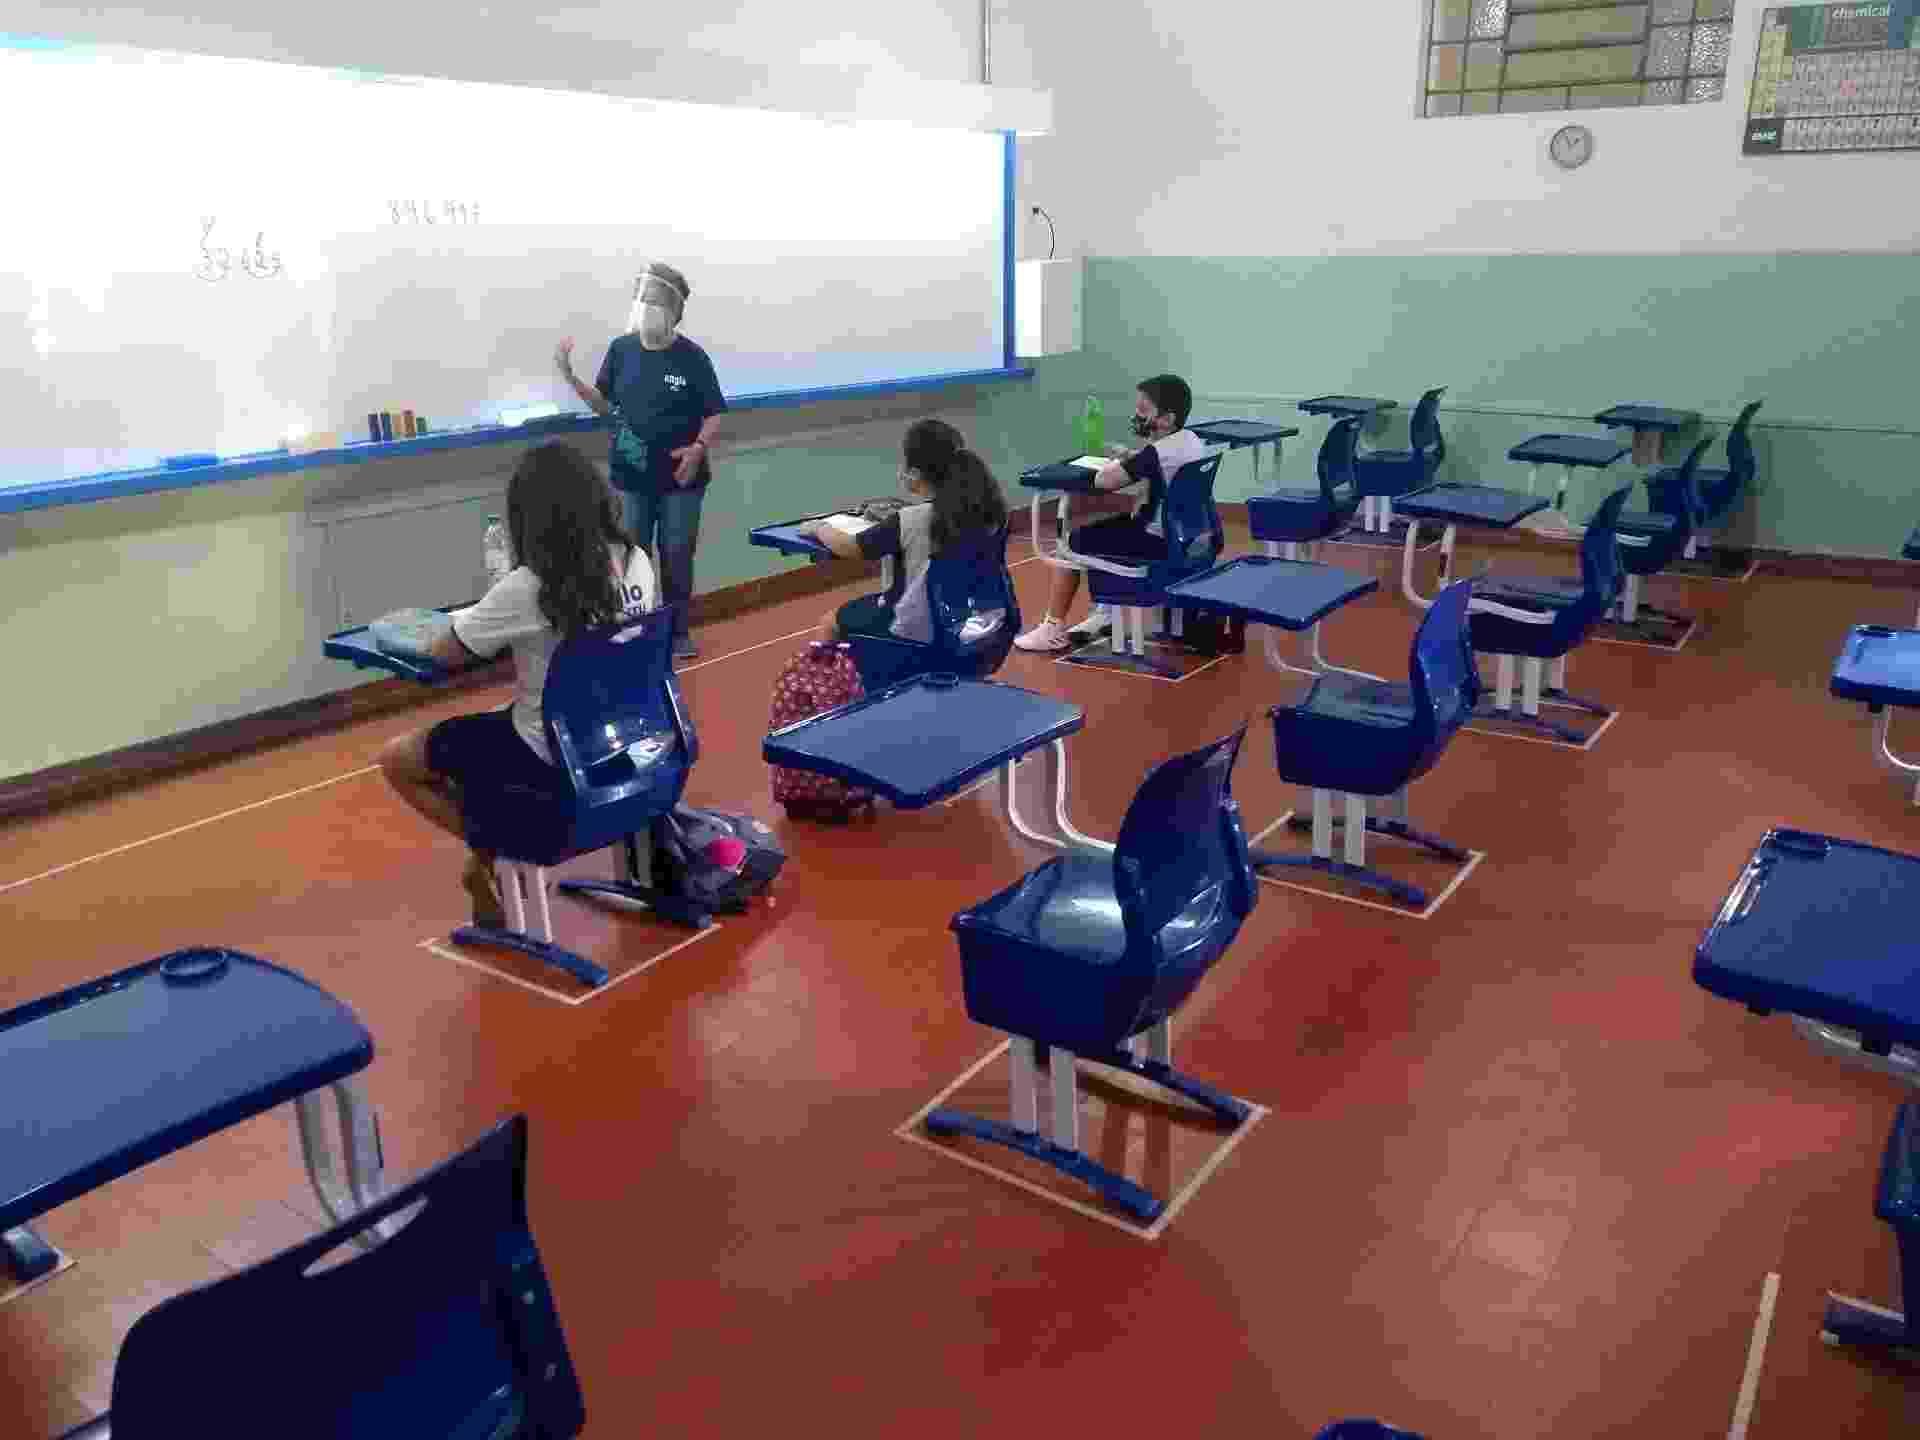 Alunos durante atividade de reforço no colégio Cidade de Itu, no interior de São Paul; escolas foram autorizadas a reabrir para atividades de apoio e orientação - Alex Tajra/ UOL